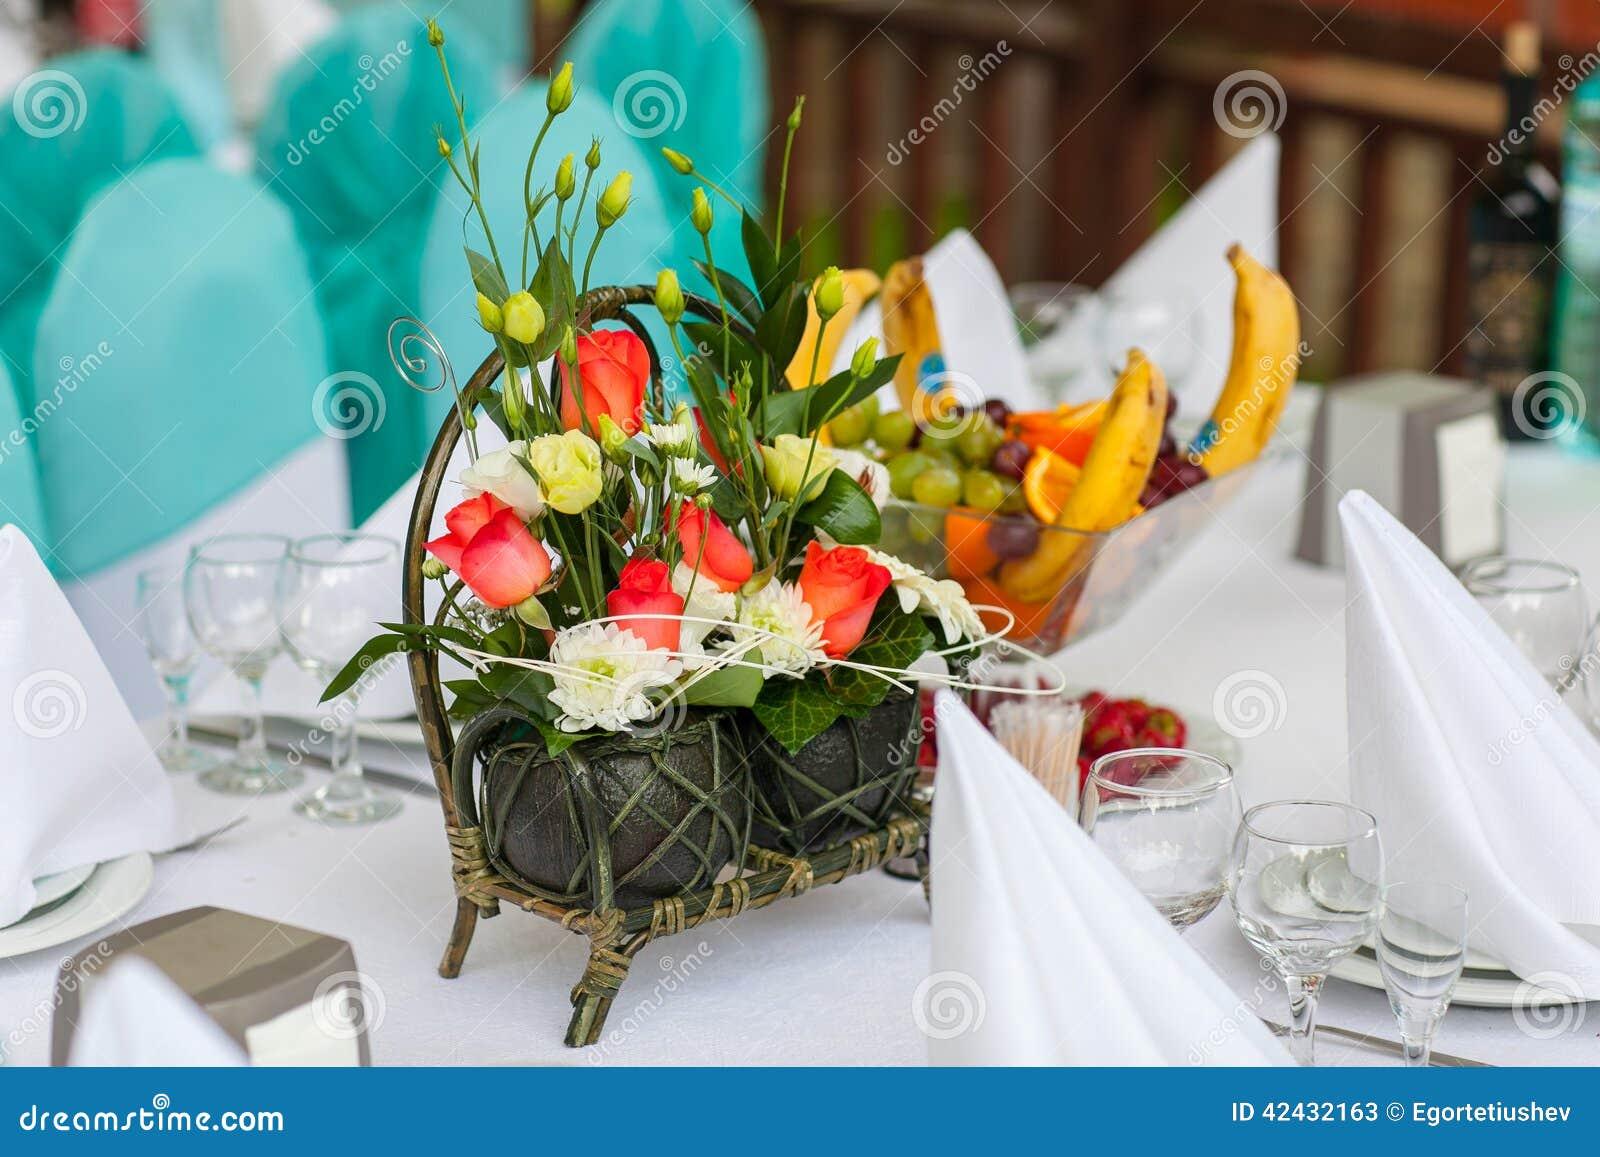 Tabla de la decoración con una cesta de flores